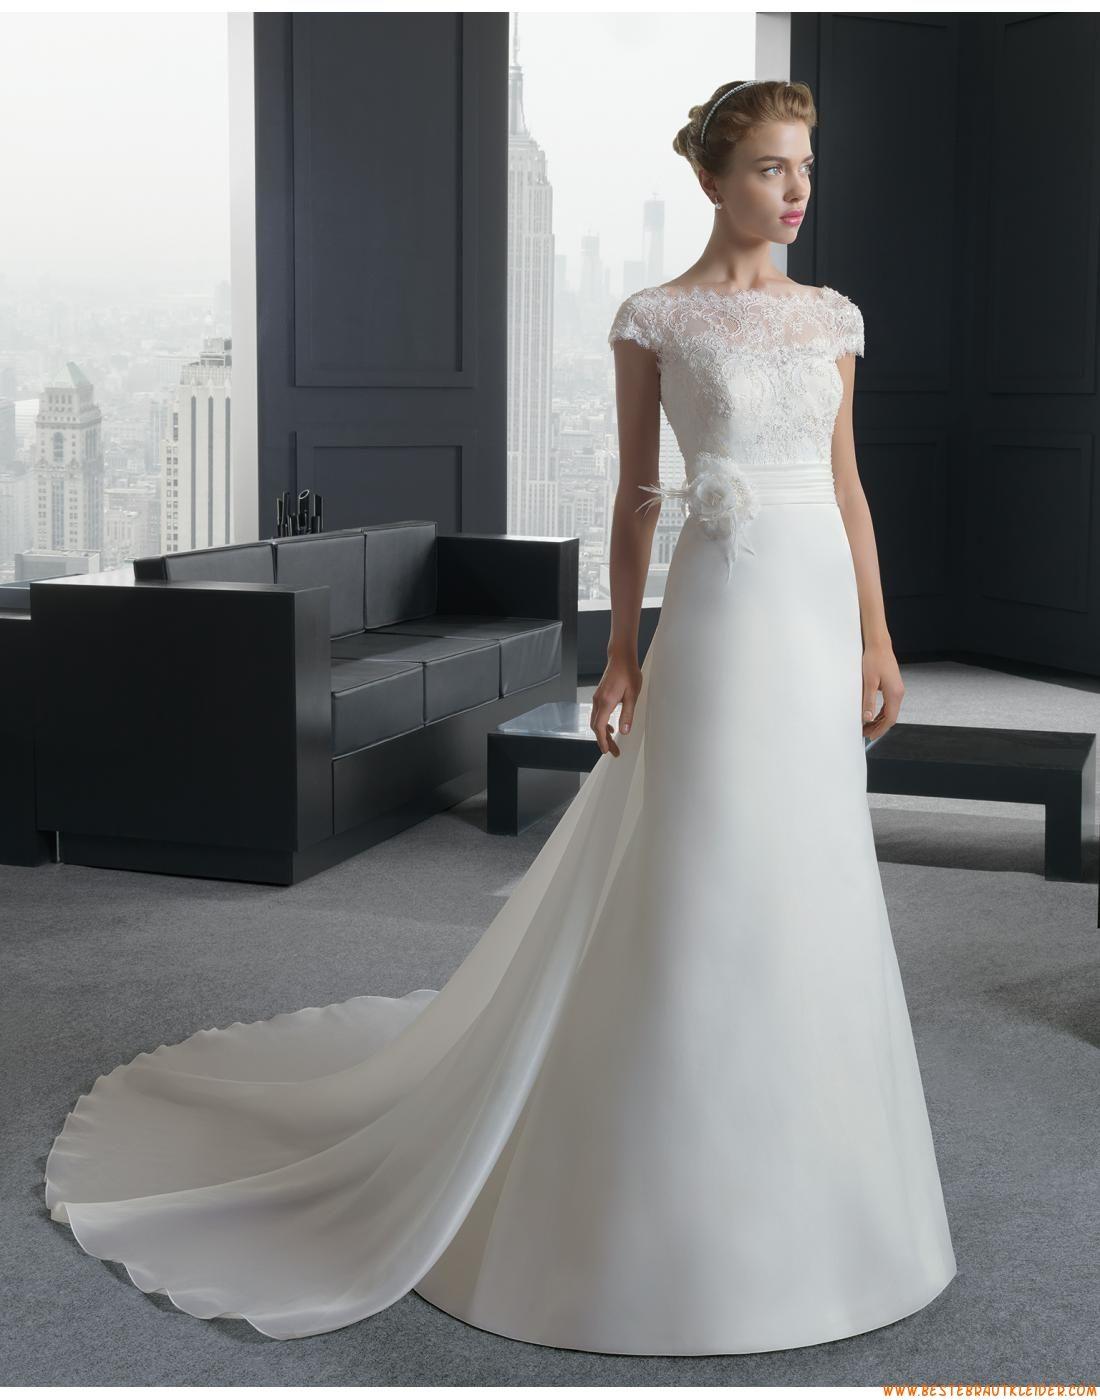 Niedlich Schicke Hochzeitskleid Bilder - Hochzeit Kleid Stile Ideen ...